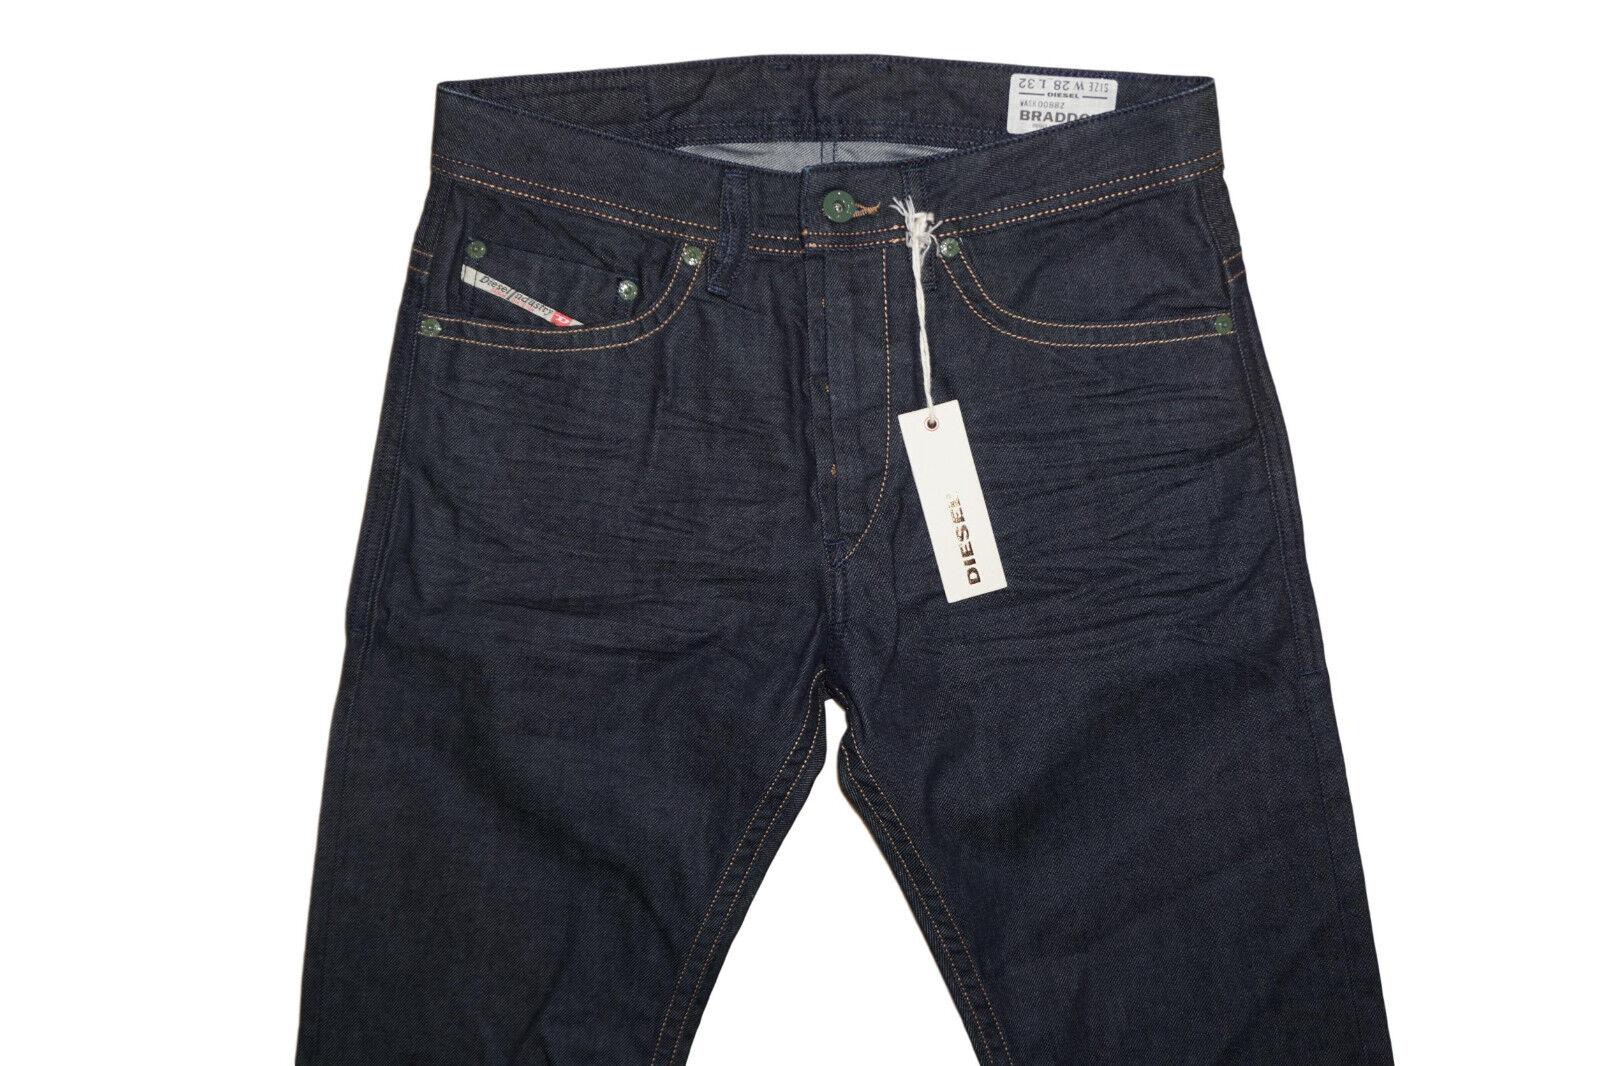 DIESEL Braddom 0088Z CAROTA Jeans Taglia W29 L34 100% AUTENTICO AUTENTICO AUTENTICO 9d1122